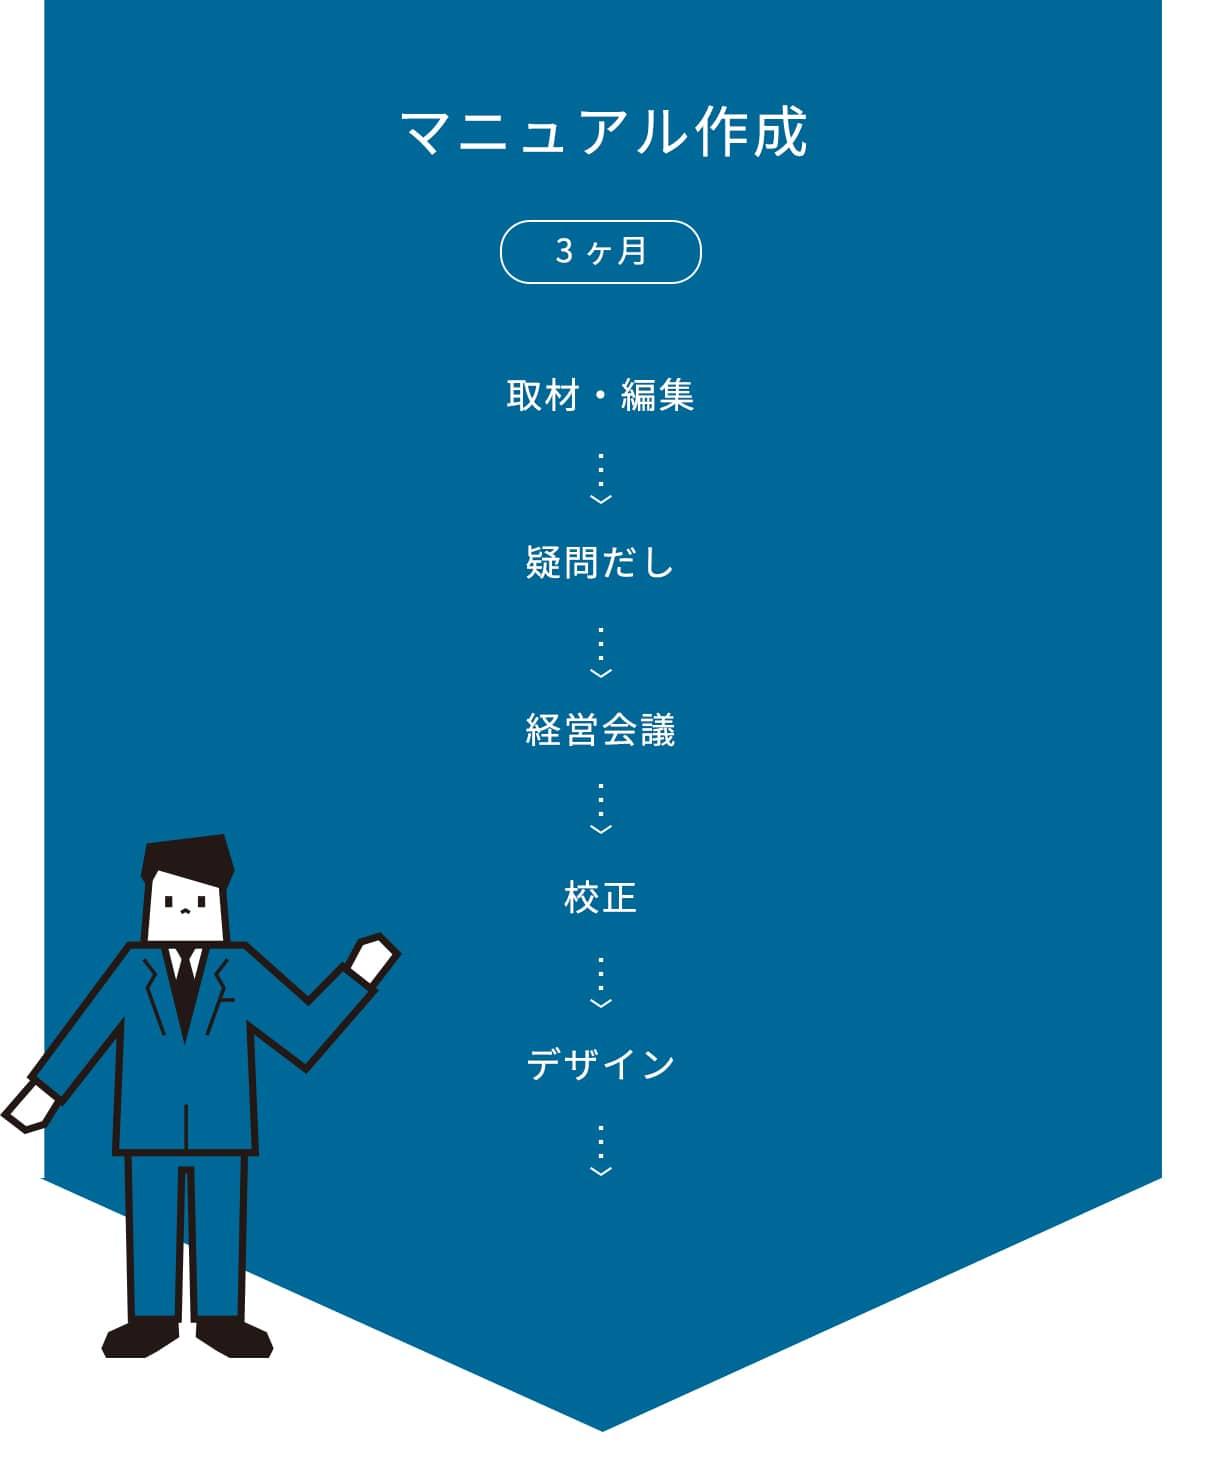 マニュアル作成 / 3ヶ月 / 取材 / 編集 > 校正 / デザイン / 製本 / 納品